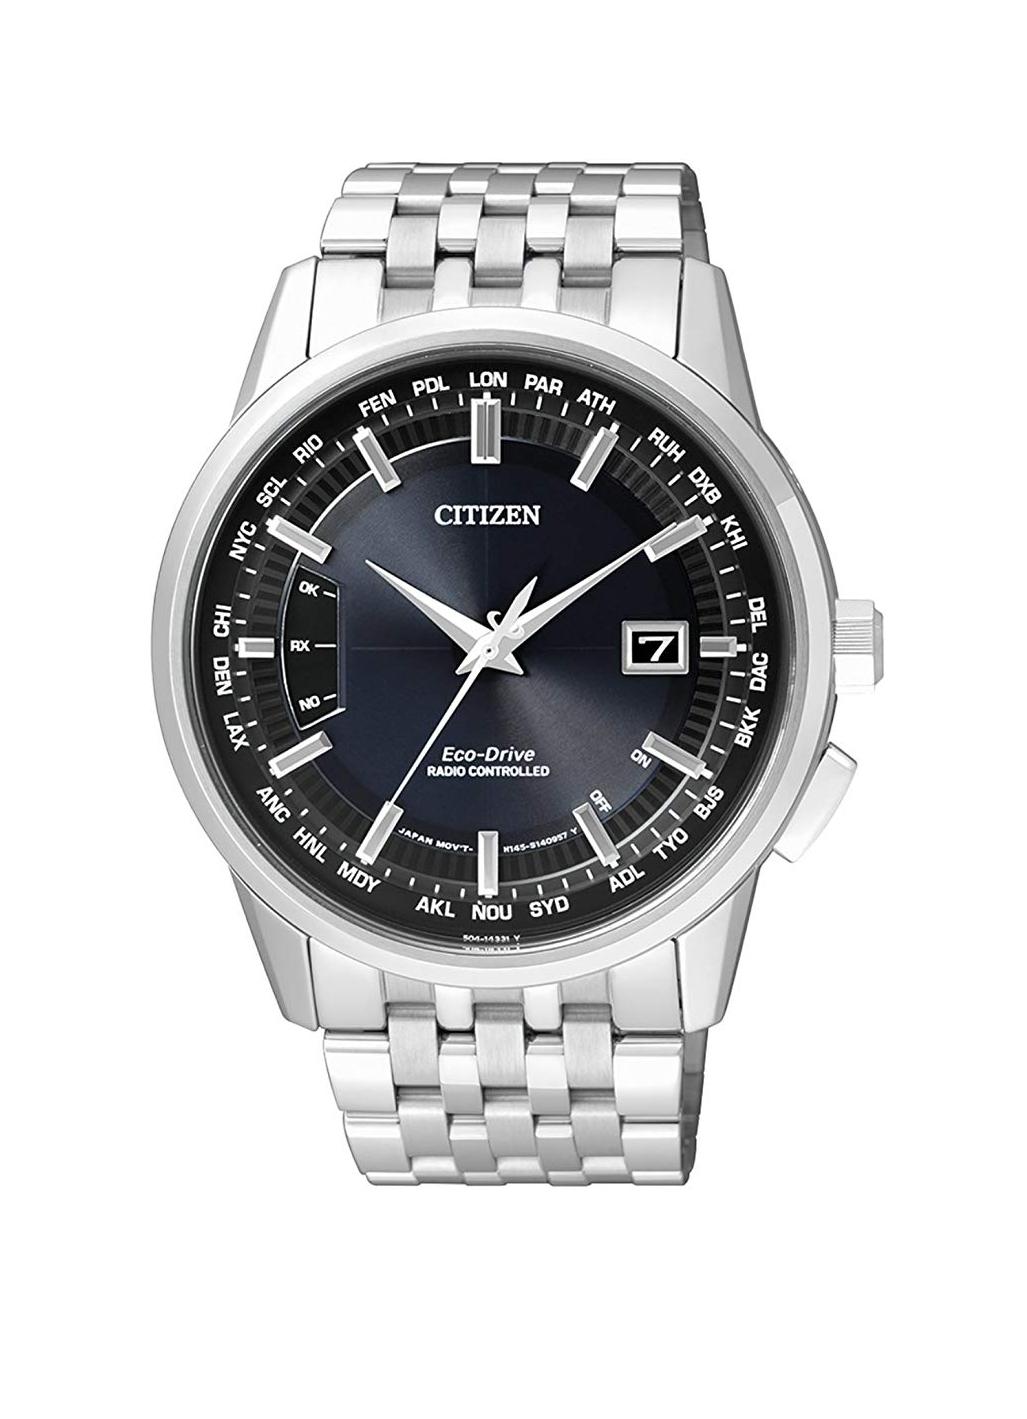 Citizen CB0150-62L Funk Solar Sapphir